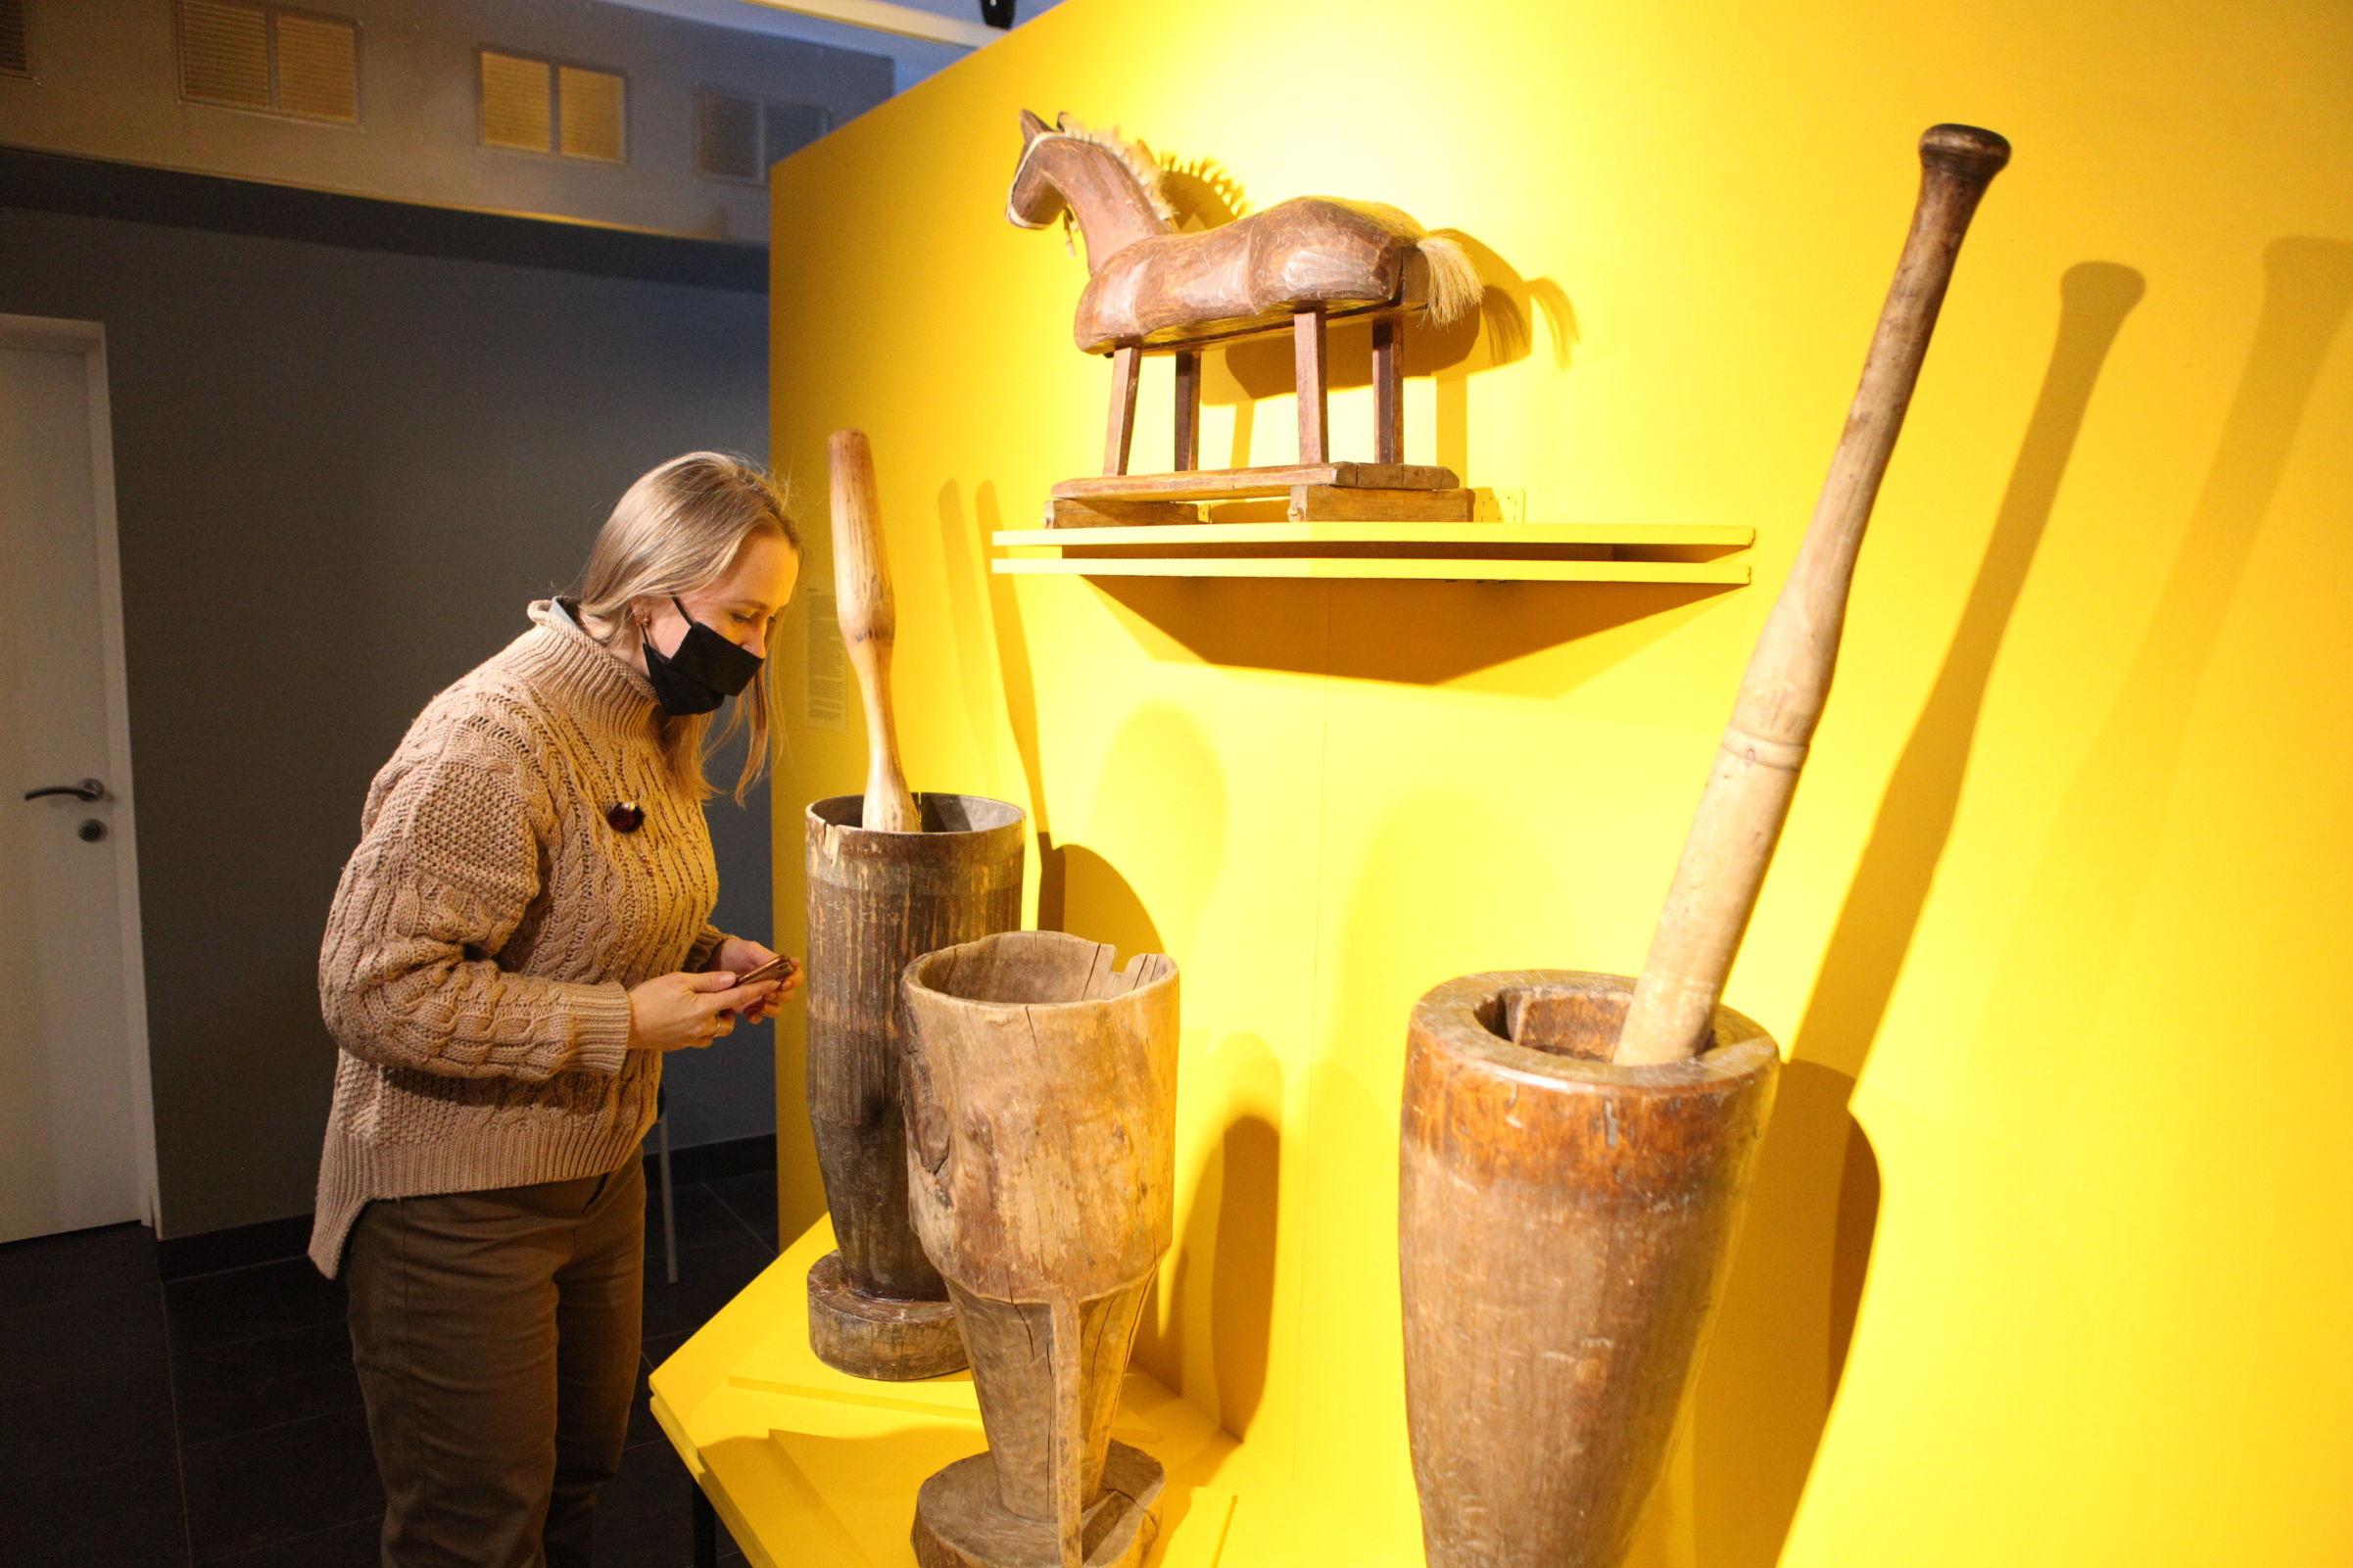 По следам солнца: в Ярославском художественном музее открыли необычную выставку-квест